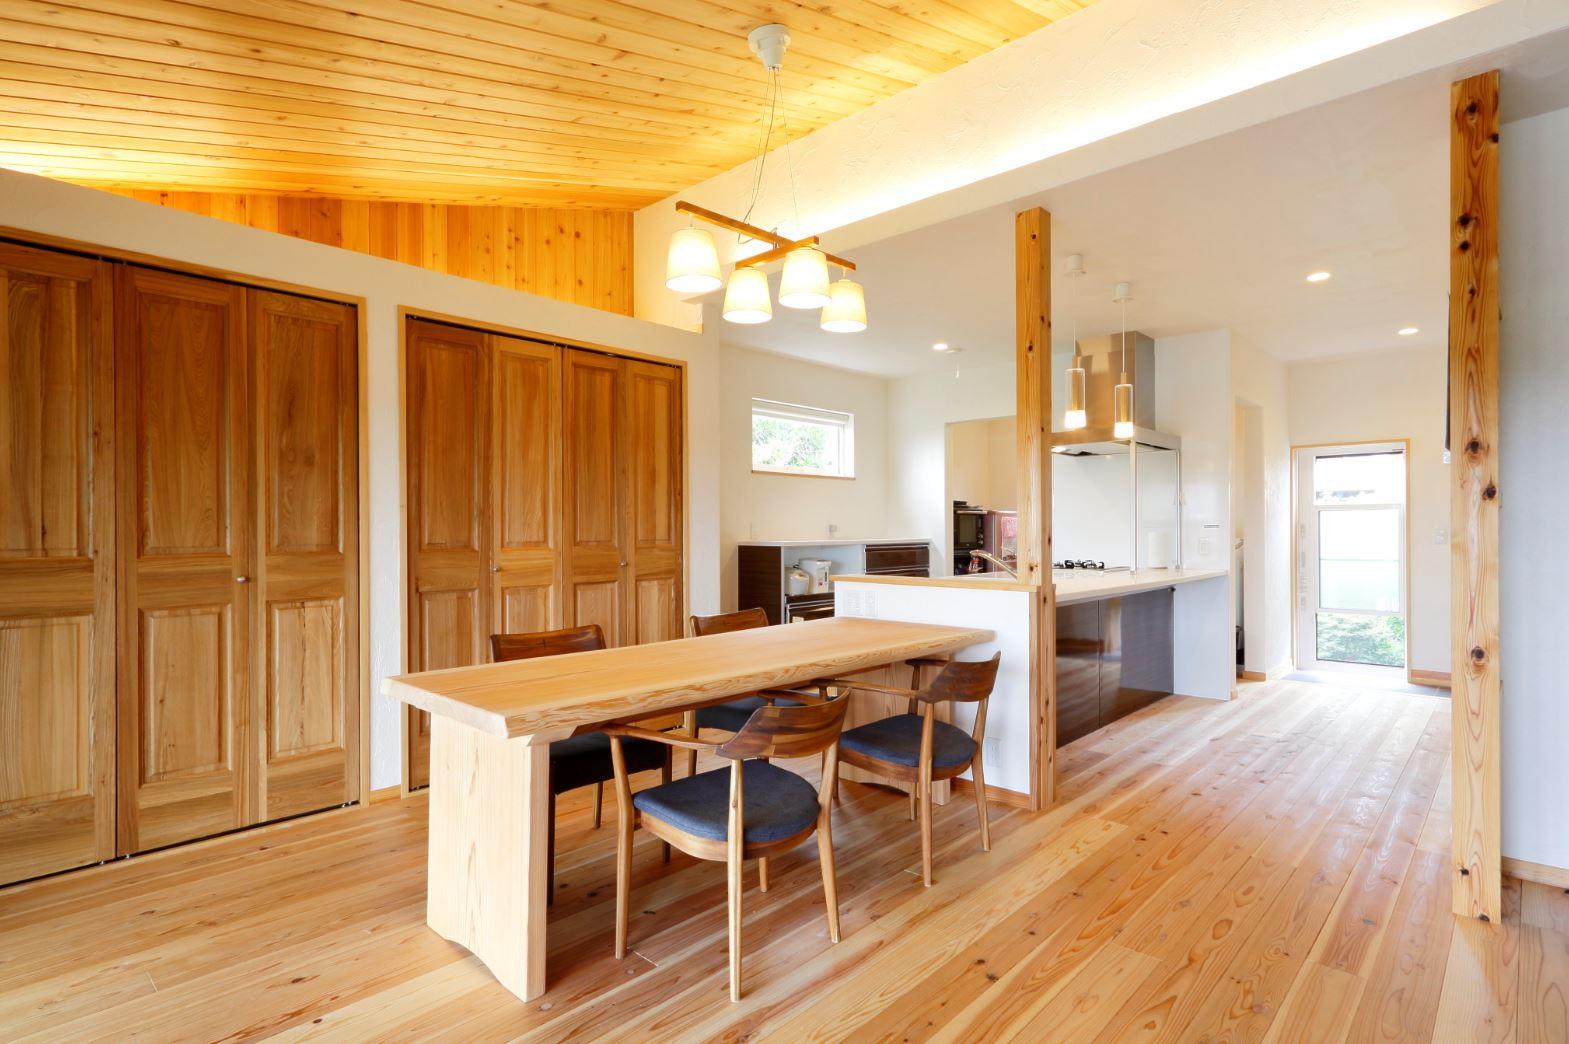 アイジースタイルハウス【子育て、自然素材、間取り】ダイナミックな勾配天井の2階リビング。床は無垢の杉、天井はレッドパイン。天井まで届くハイサッシからたっぷりの光が降り注ぐ